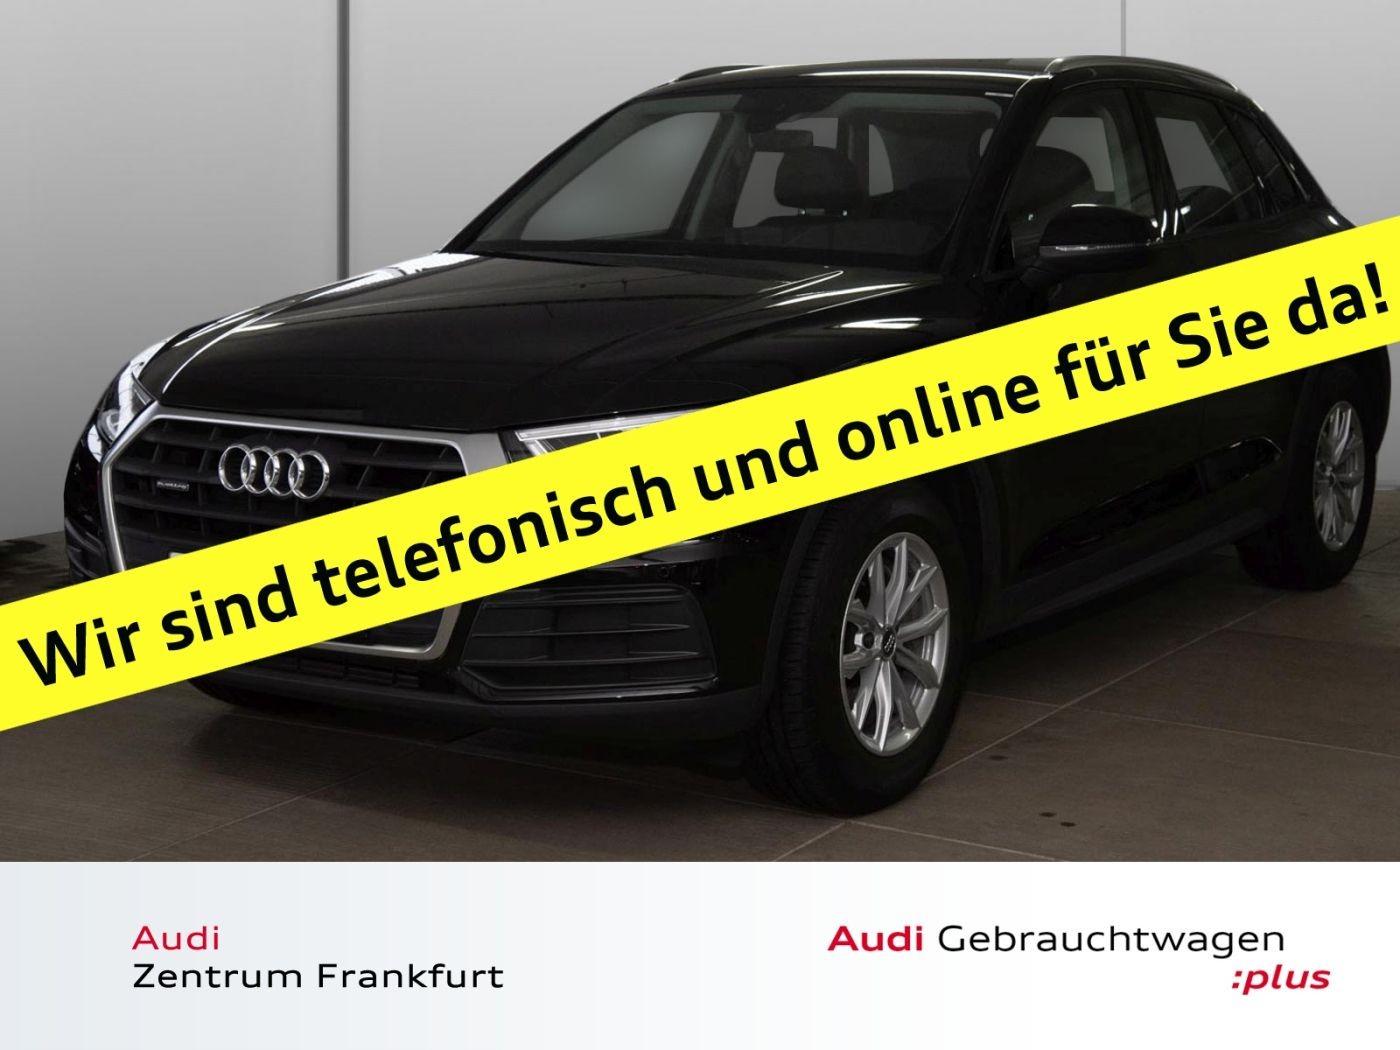 Audi Q5 2.0 TFSI quattro S tronic LED Navi PDC Luftfahrw Alcantara Sitzheizung, Jahr 2017, Benzin